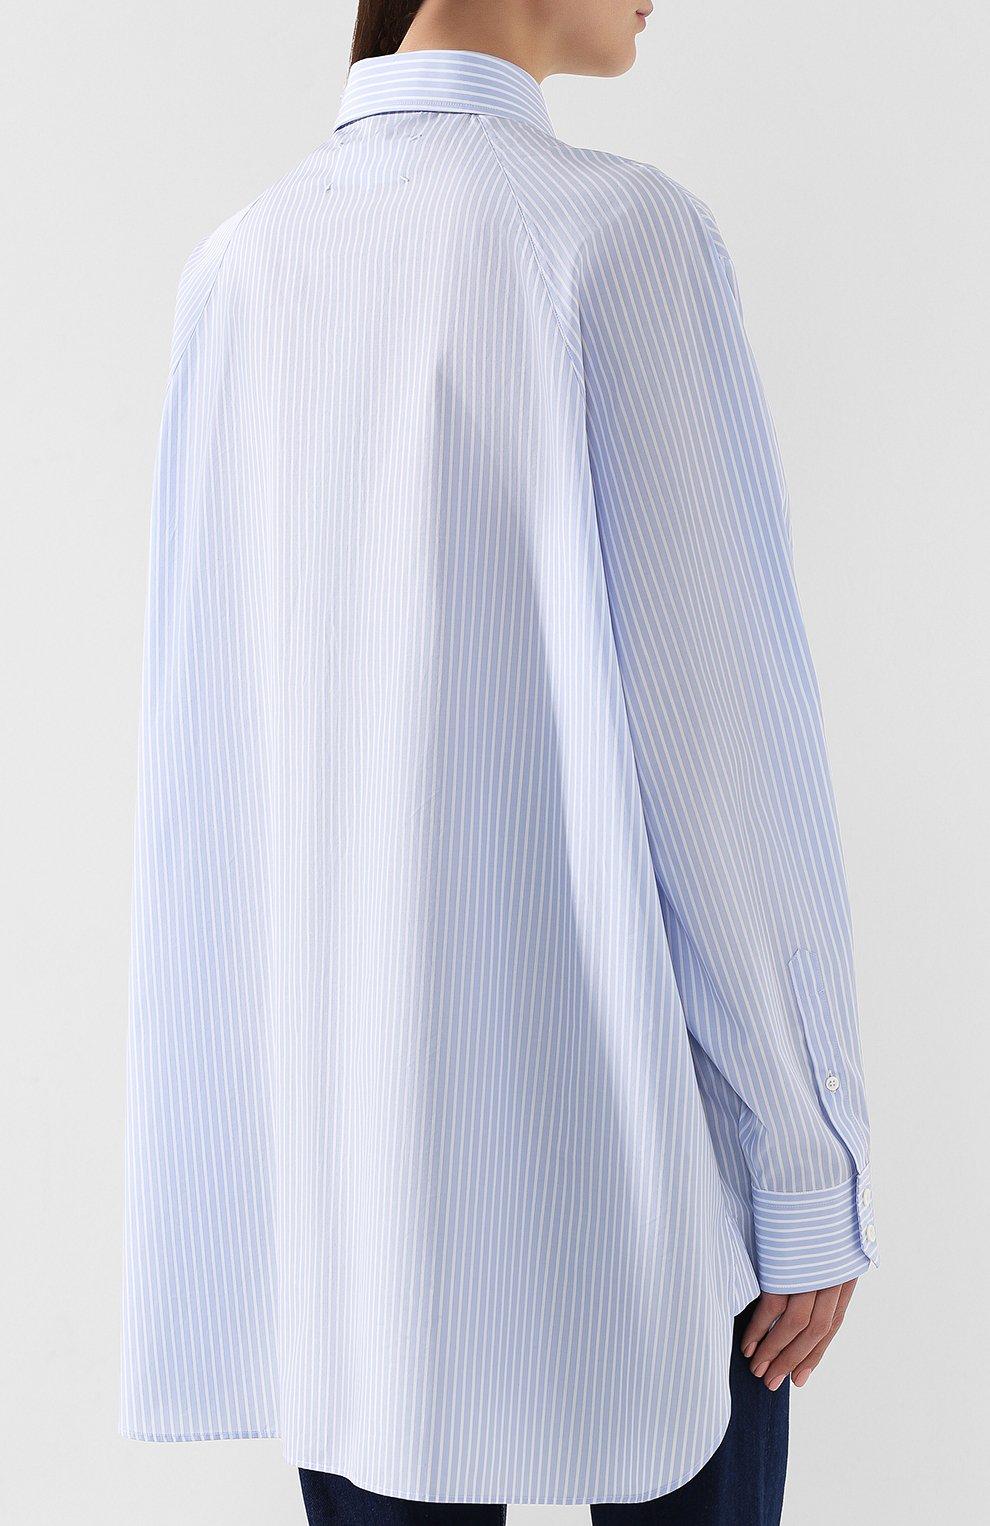 Хлопковая блузка Maison Margiela голубая | Фото №4